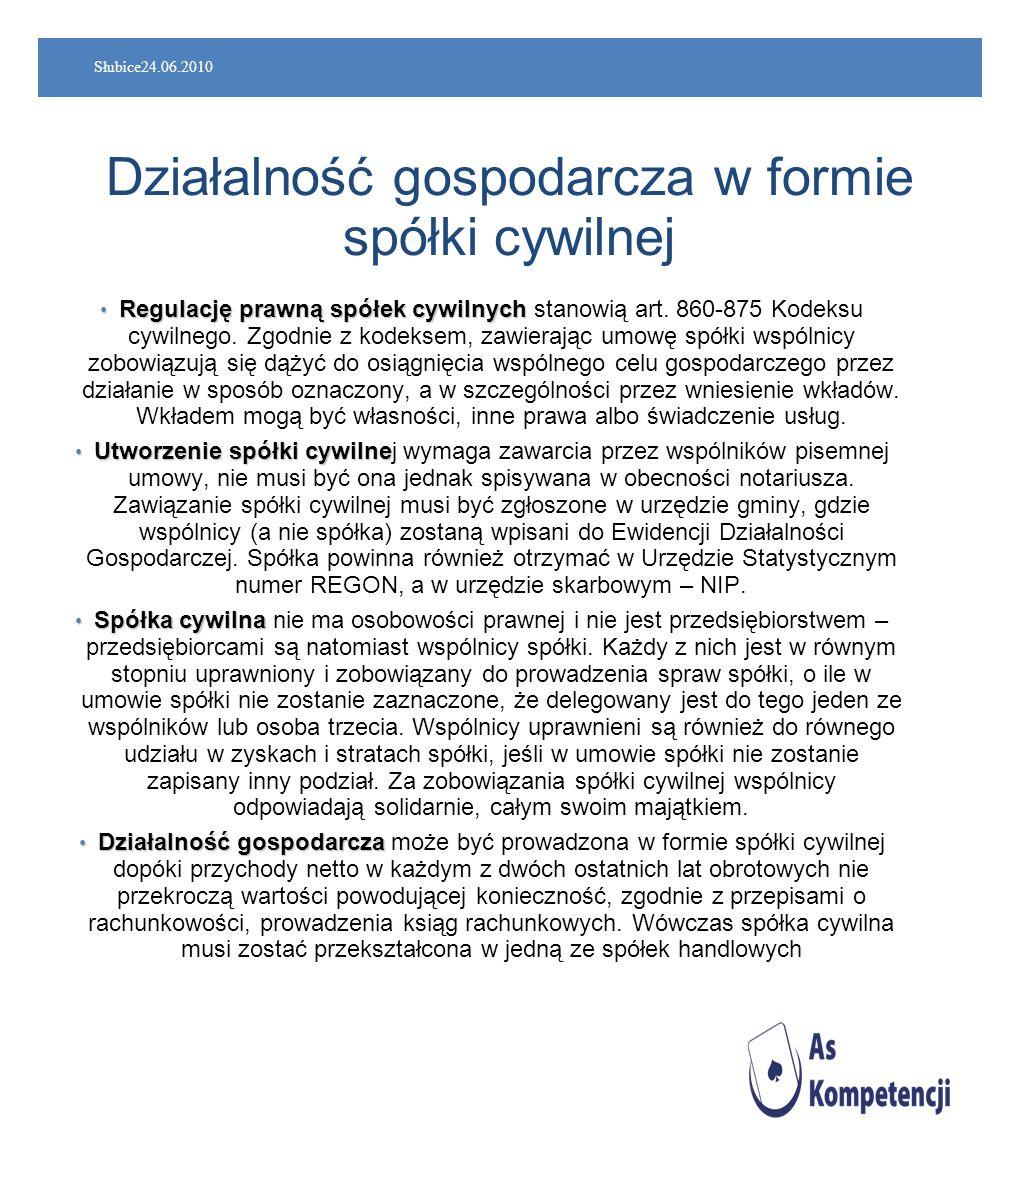 Słubice24.06.2010 Działalność gospodarcza w formie spółki cywilnej Regulację prawną spółek cywilnych Regulację prawną spółek cywilnych stanowią art. 8